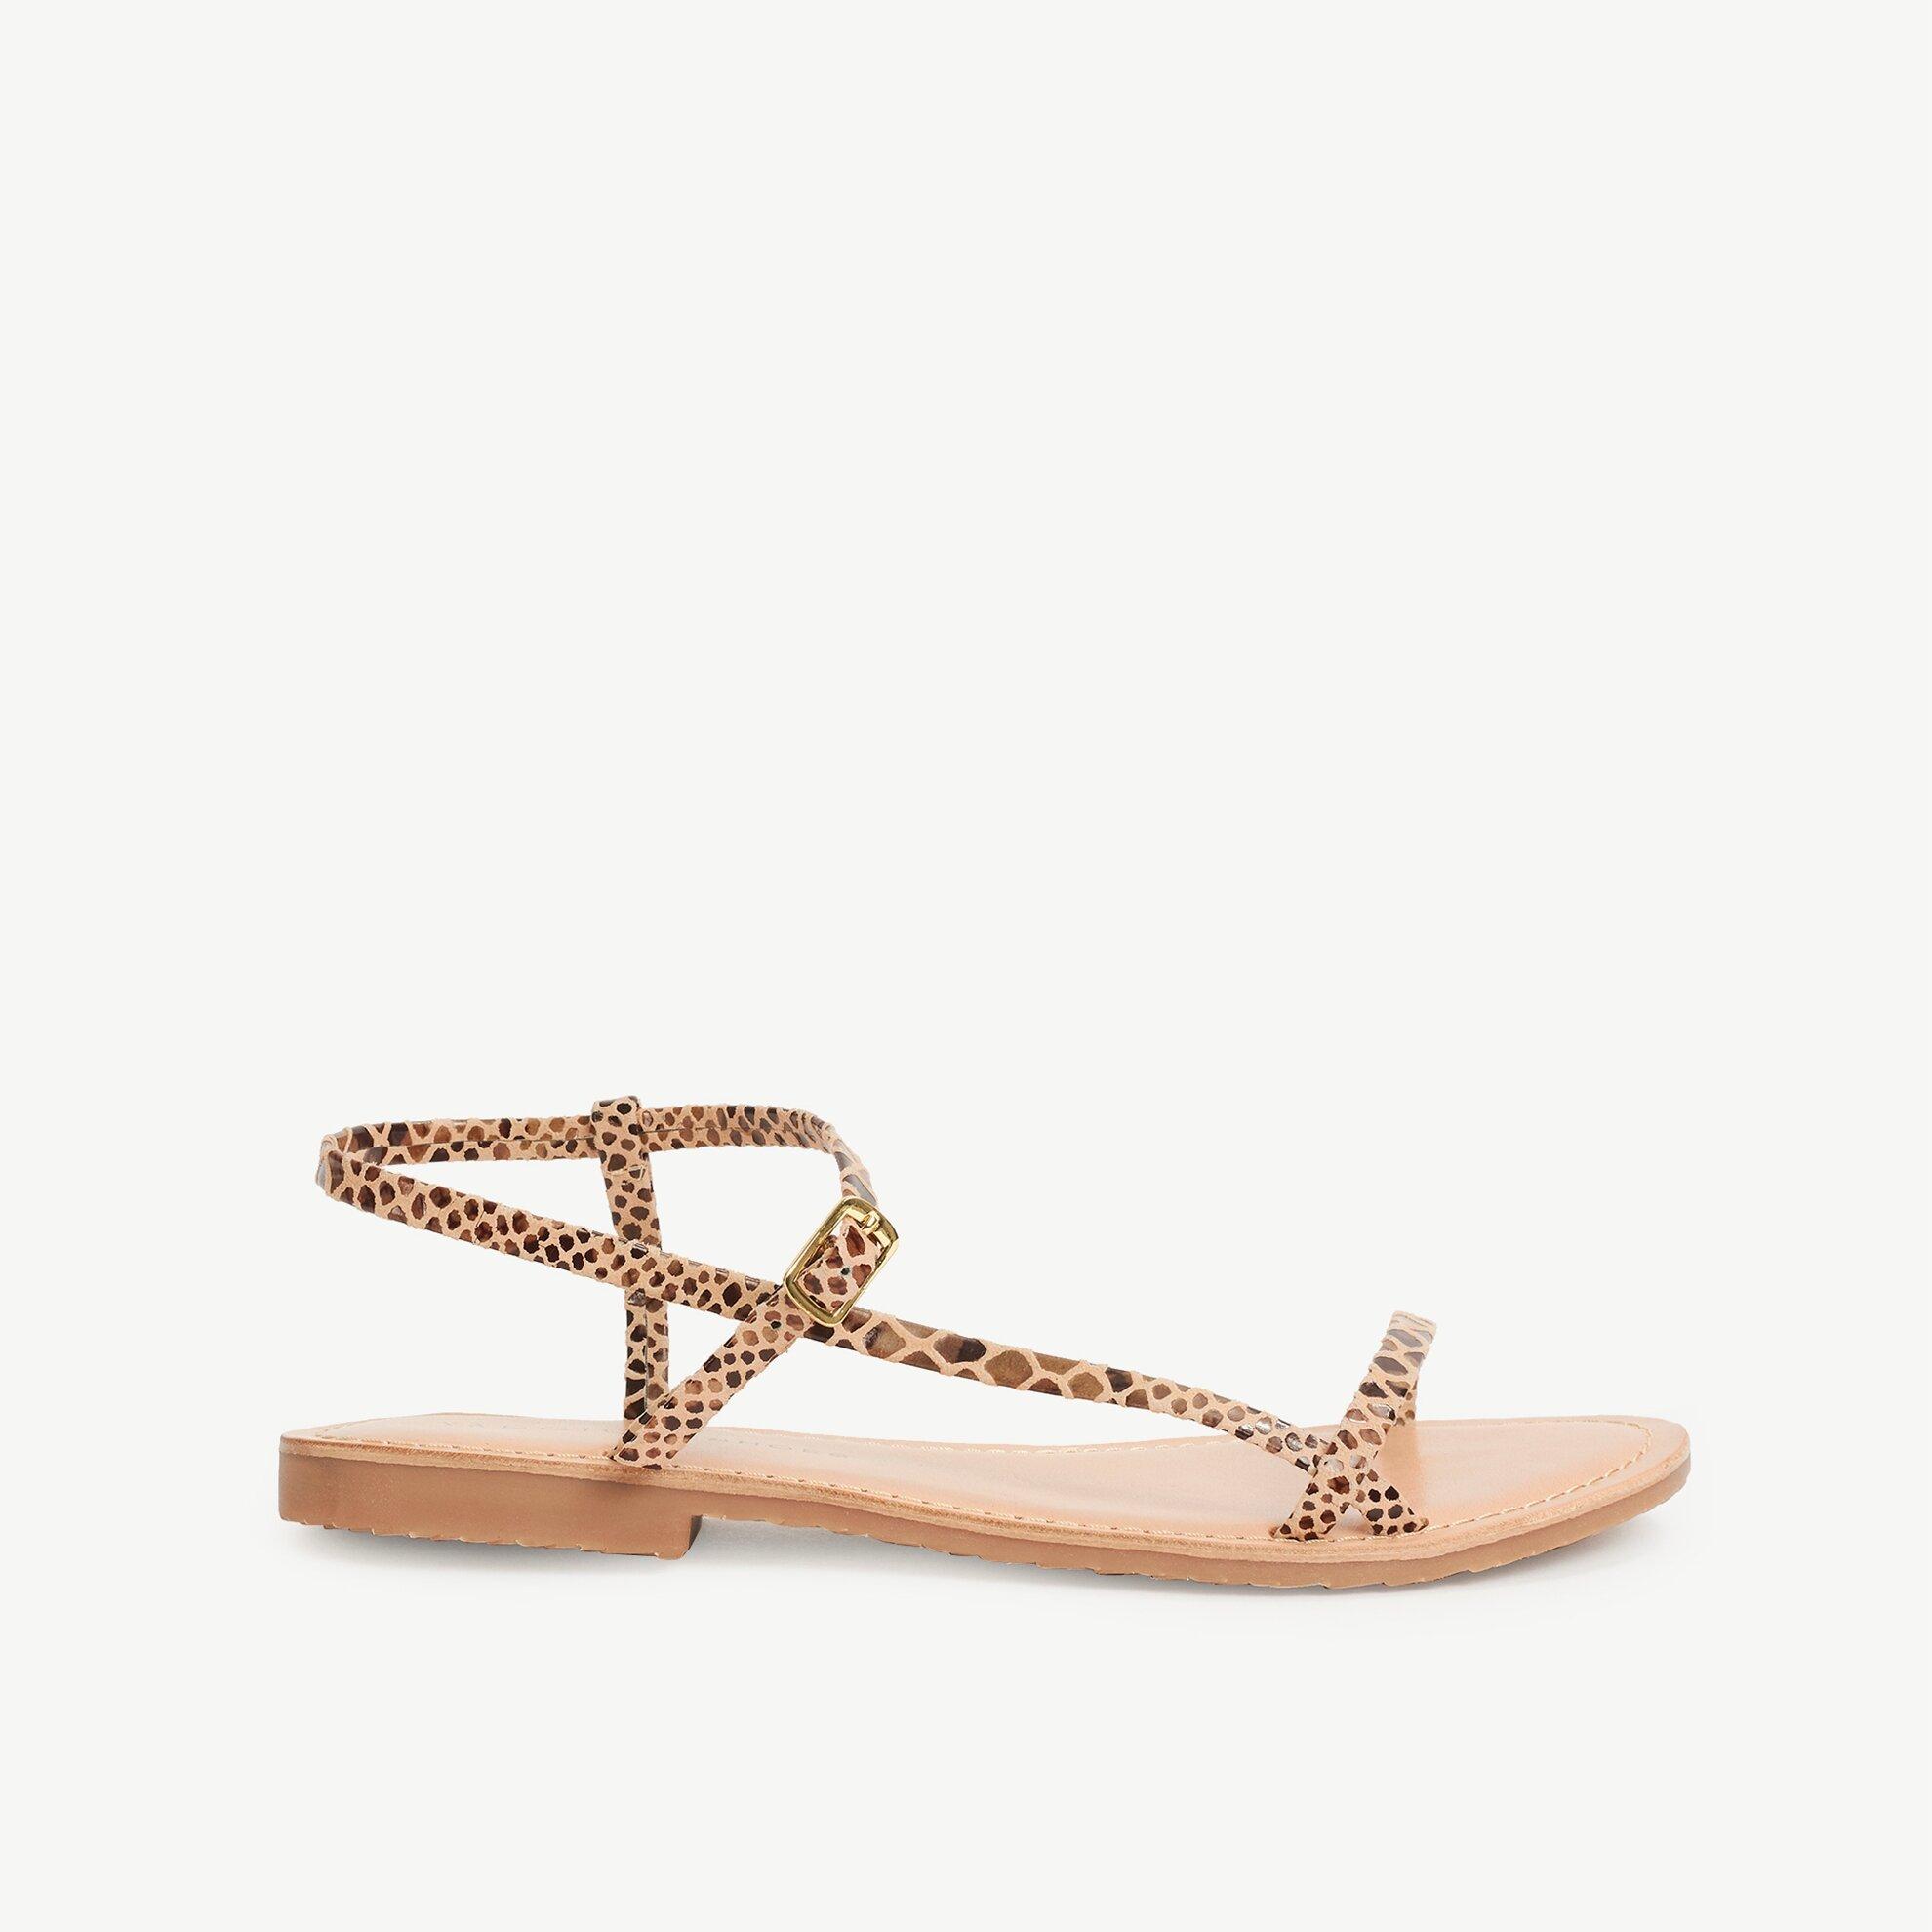 Piton Baskılı Deri Sandalet